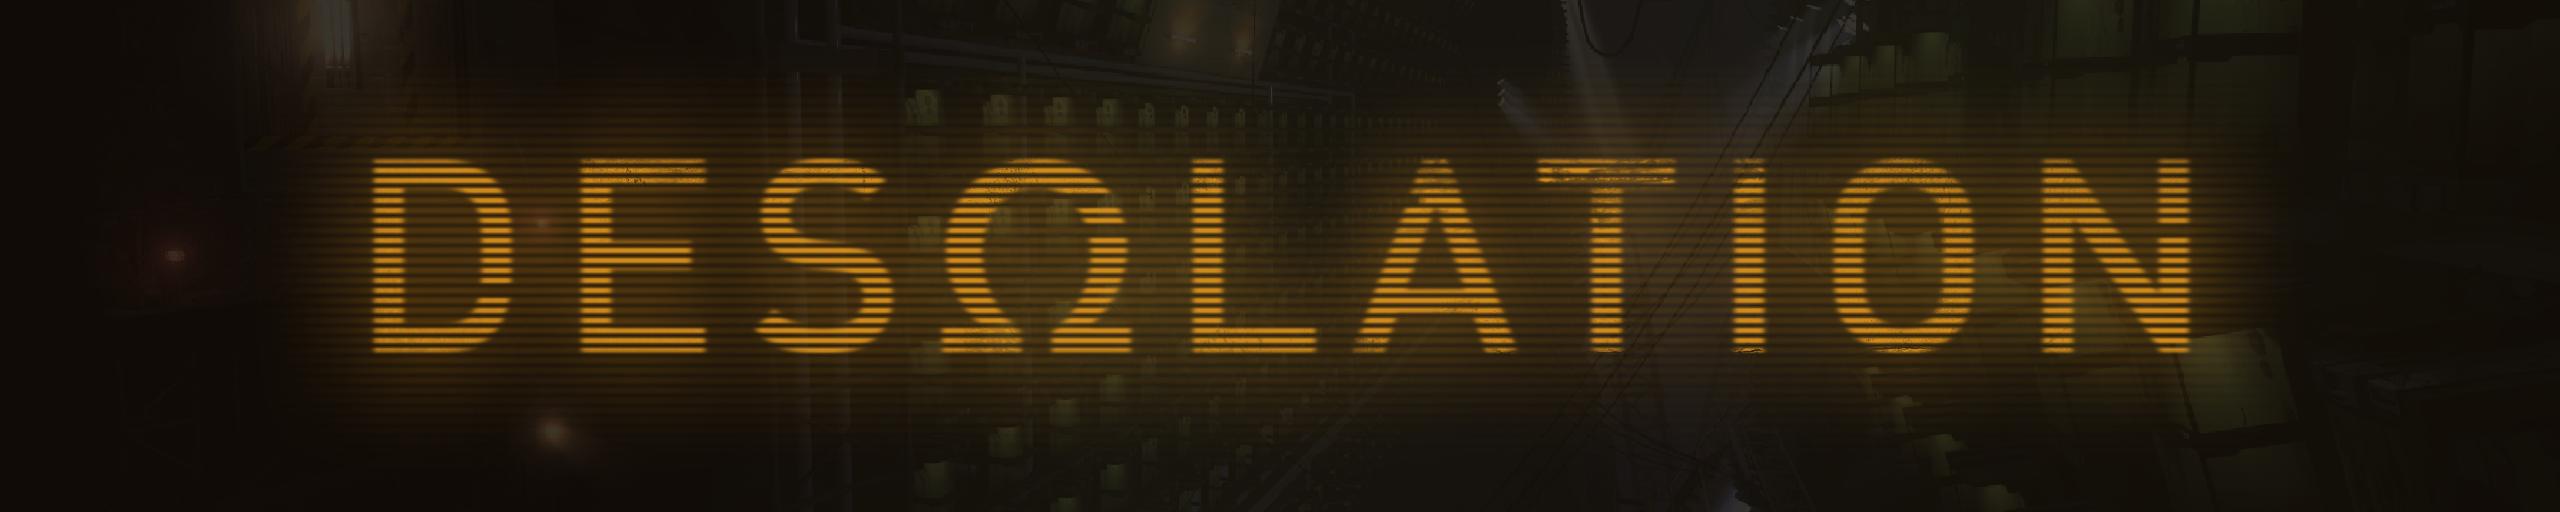 desolation logo2018 header